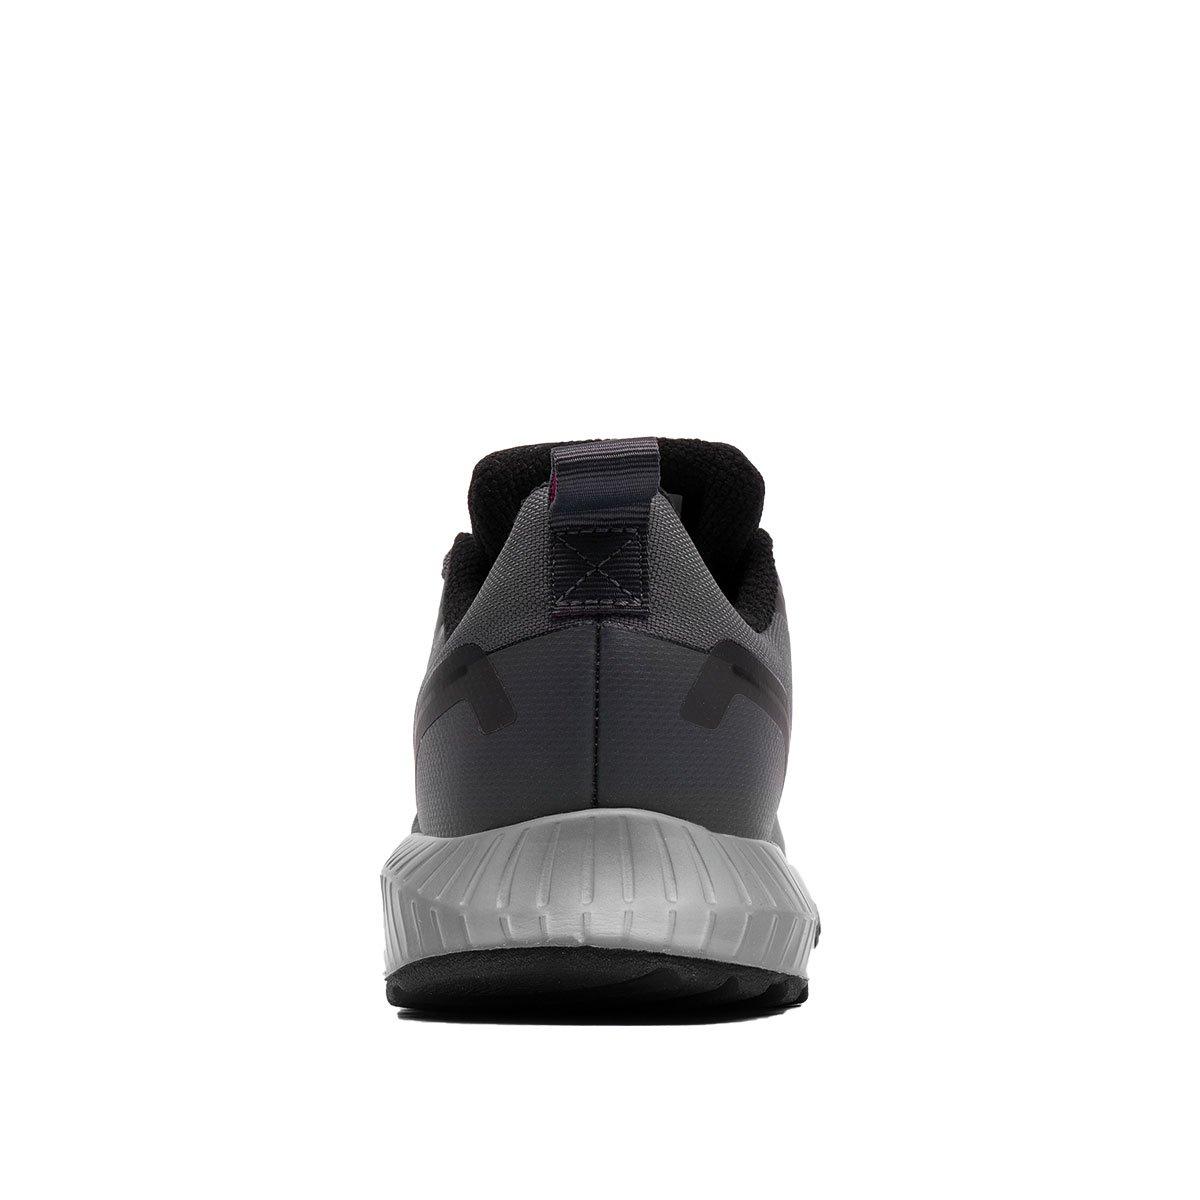 Adidas Runfalcon 2.0 TR